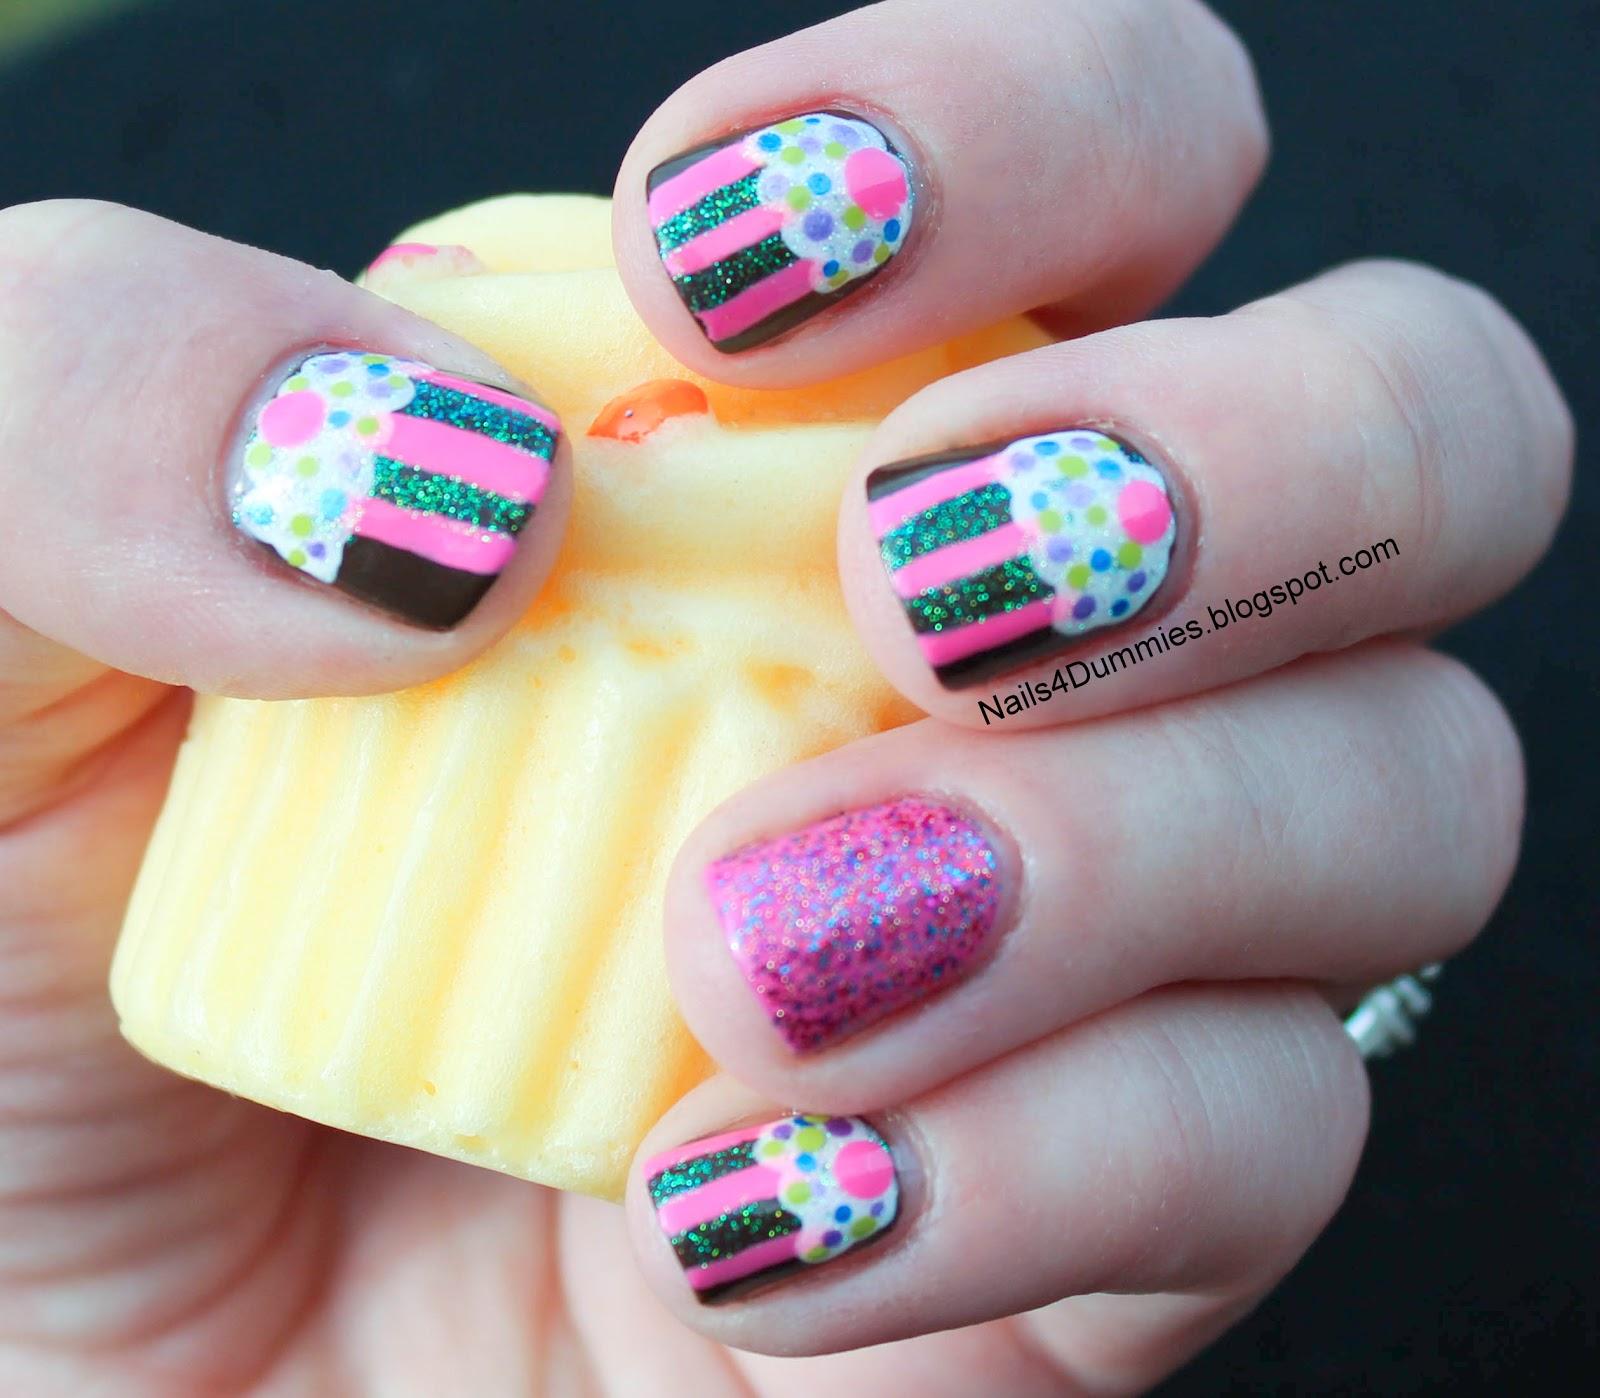 Cupcake Nails: Nails 4 Dummies!: CUPCAKES